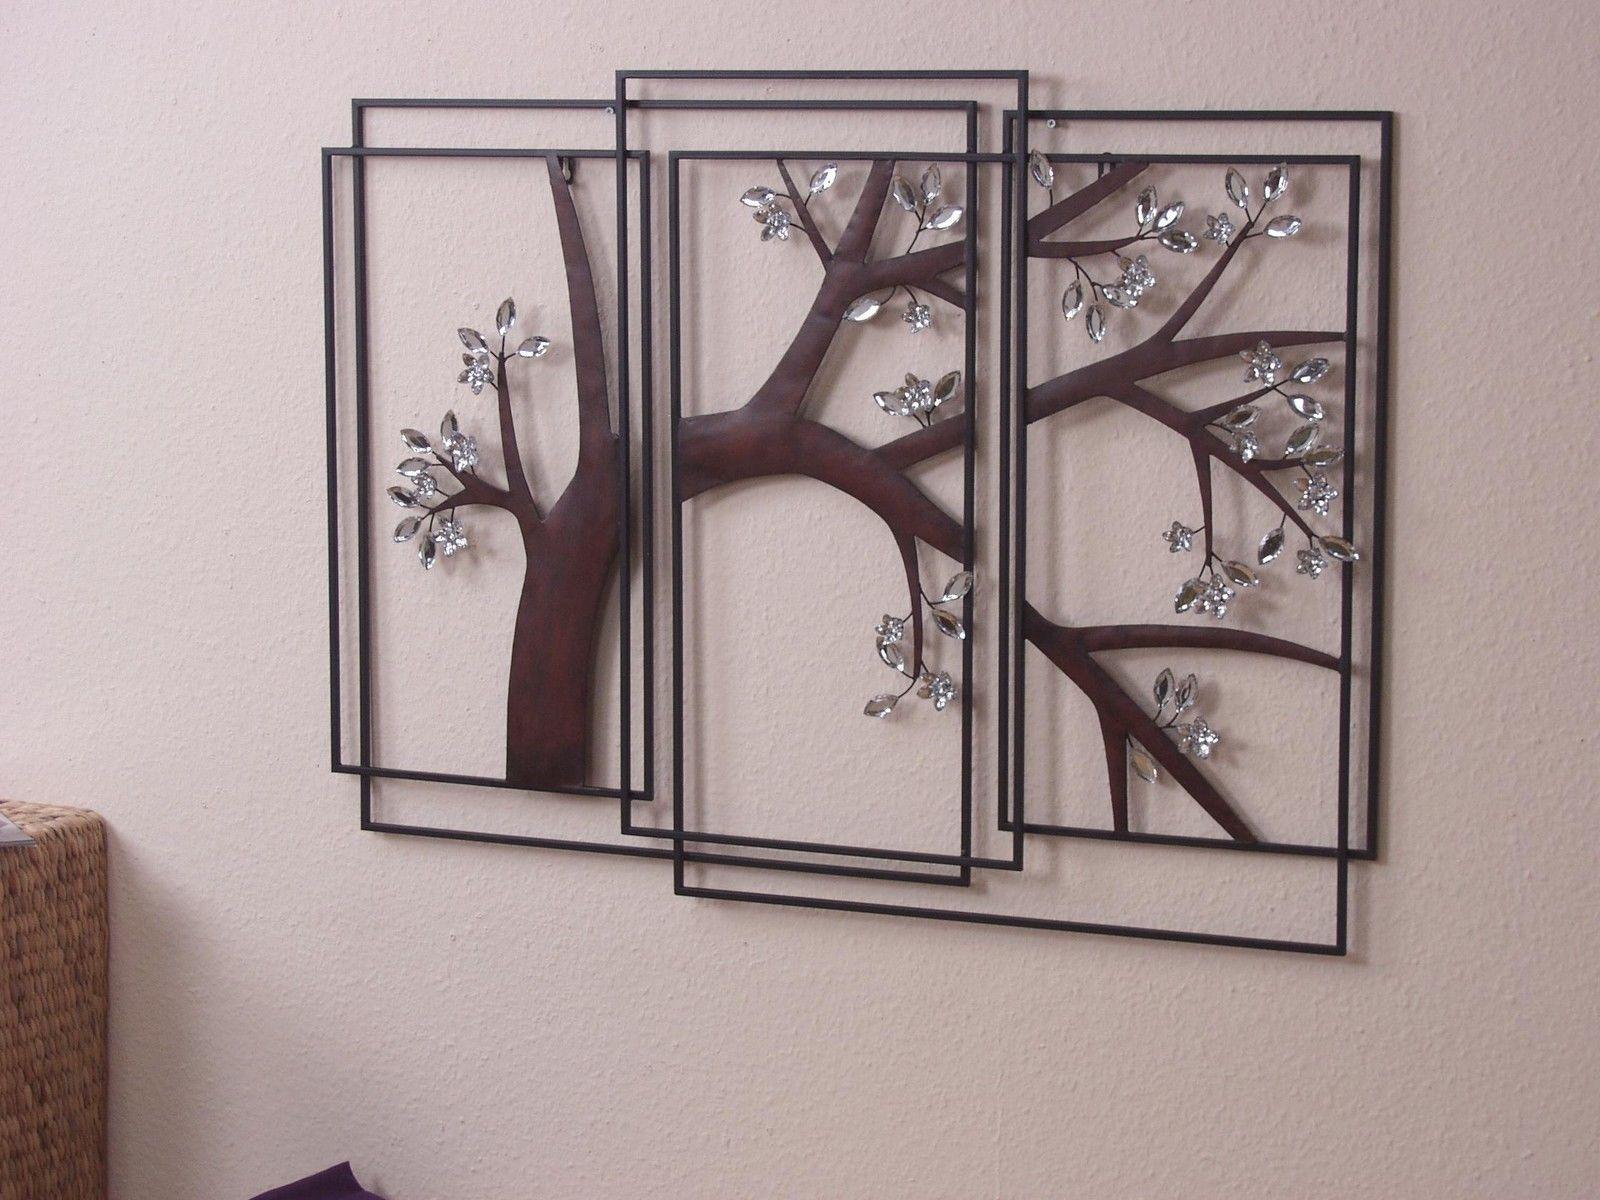 moderne Wanddeko Glassteinen Wandschmuck Wandobjekt Metall Bild ...